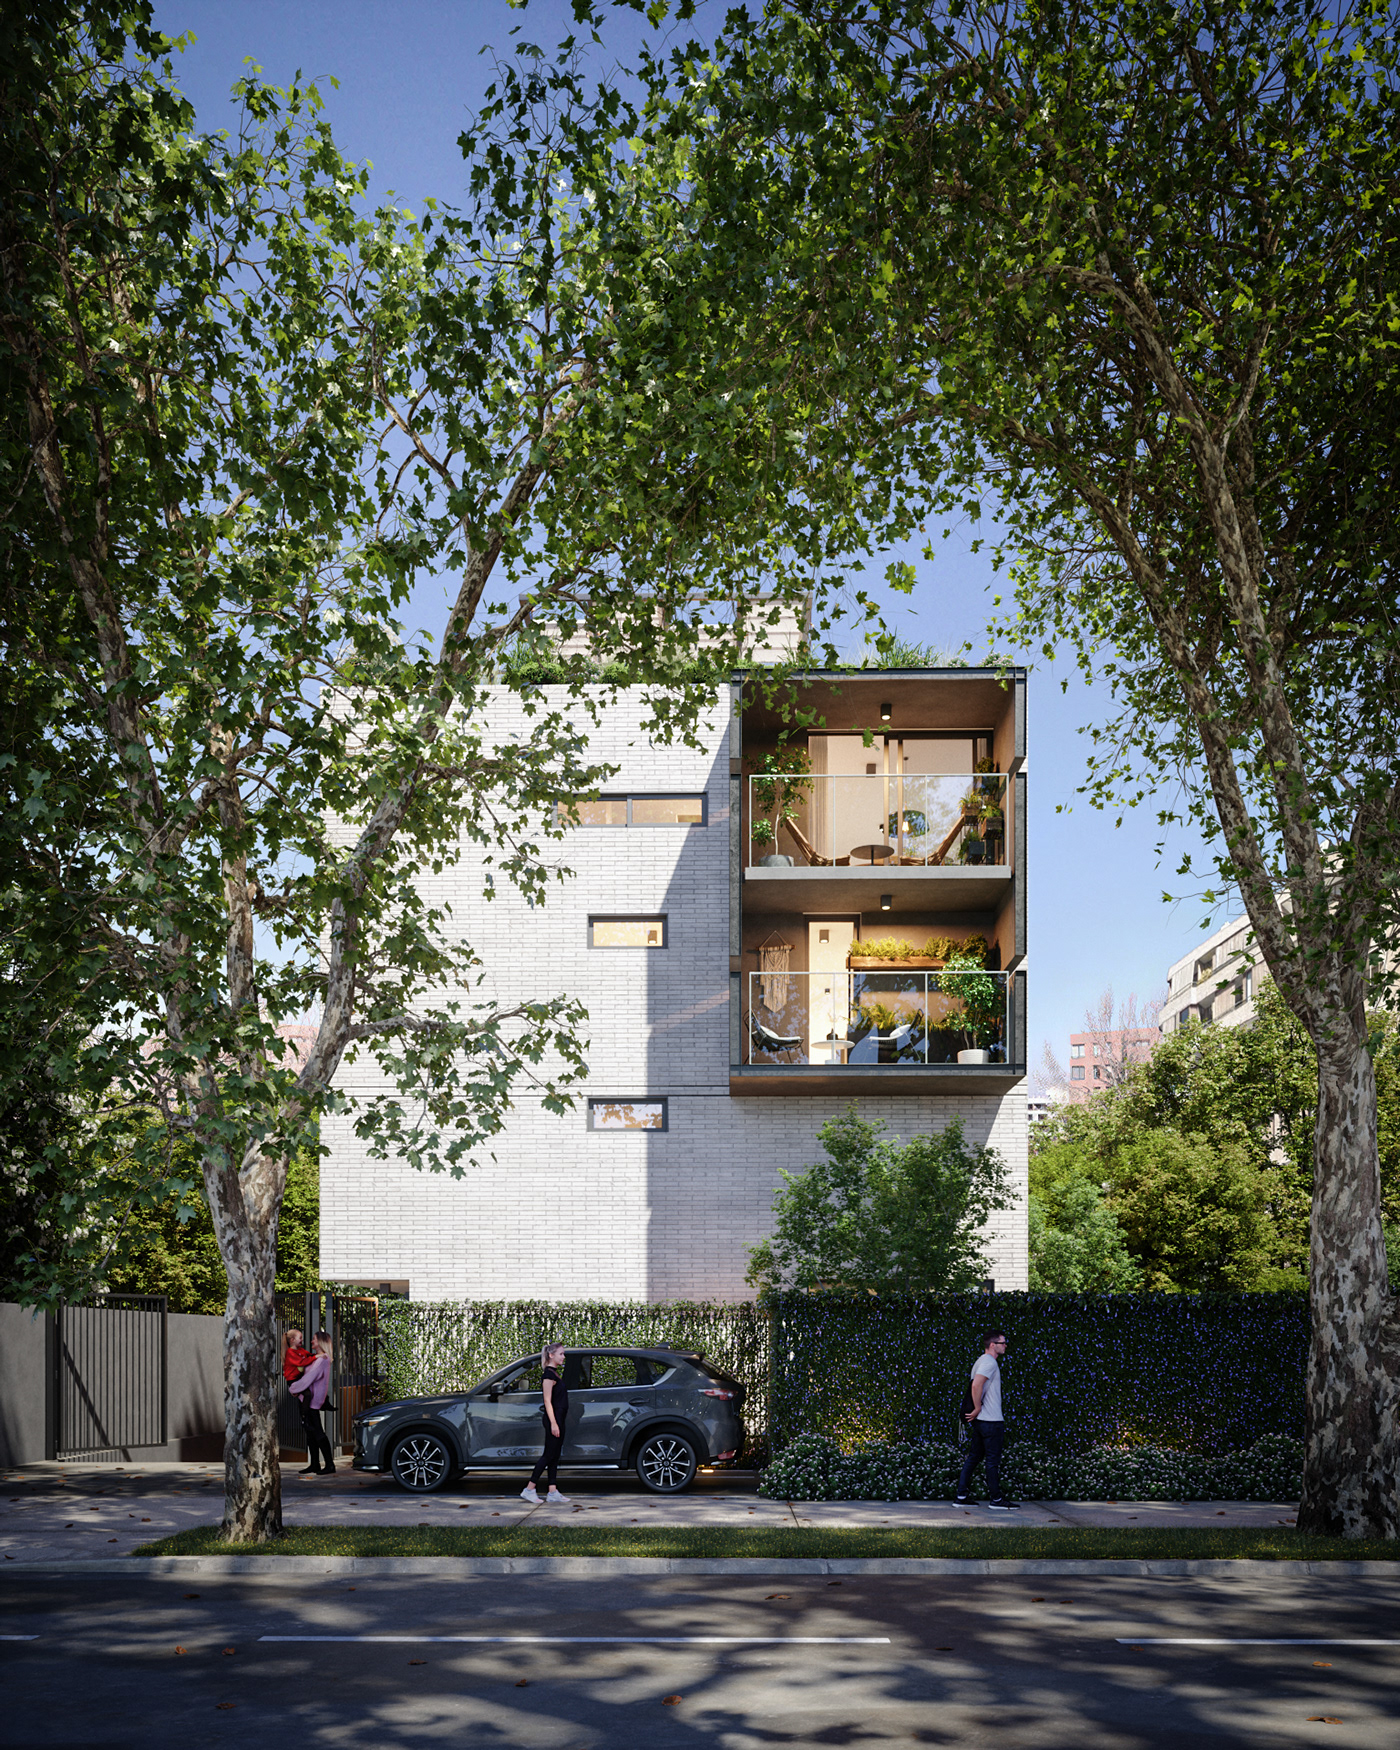 3D architecture CGI FStorm garden green house Render visualization